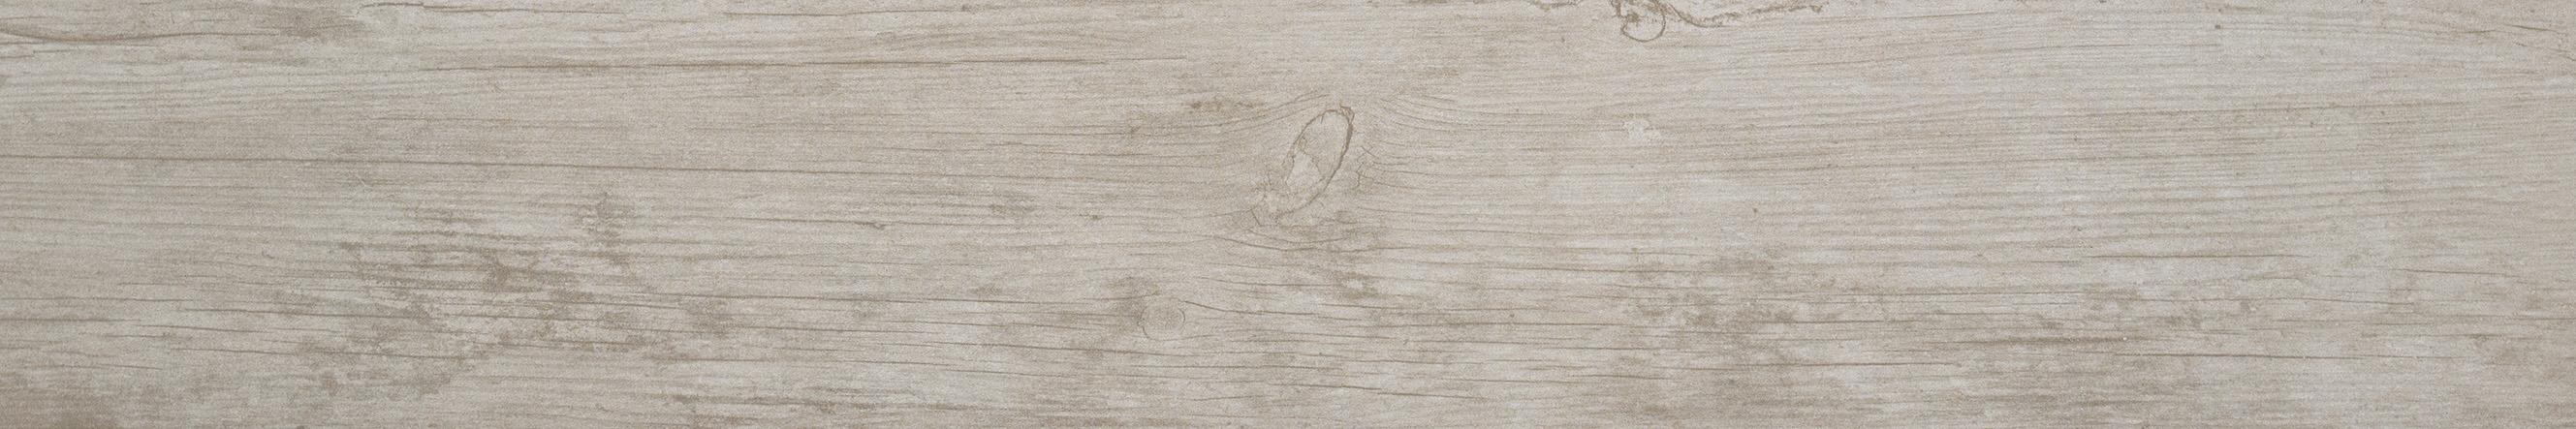 Slipstop Ellice mix gris mate 15x90 - Hansas Plaadimaailm